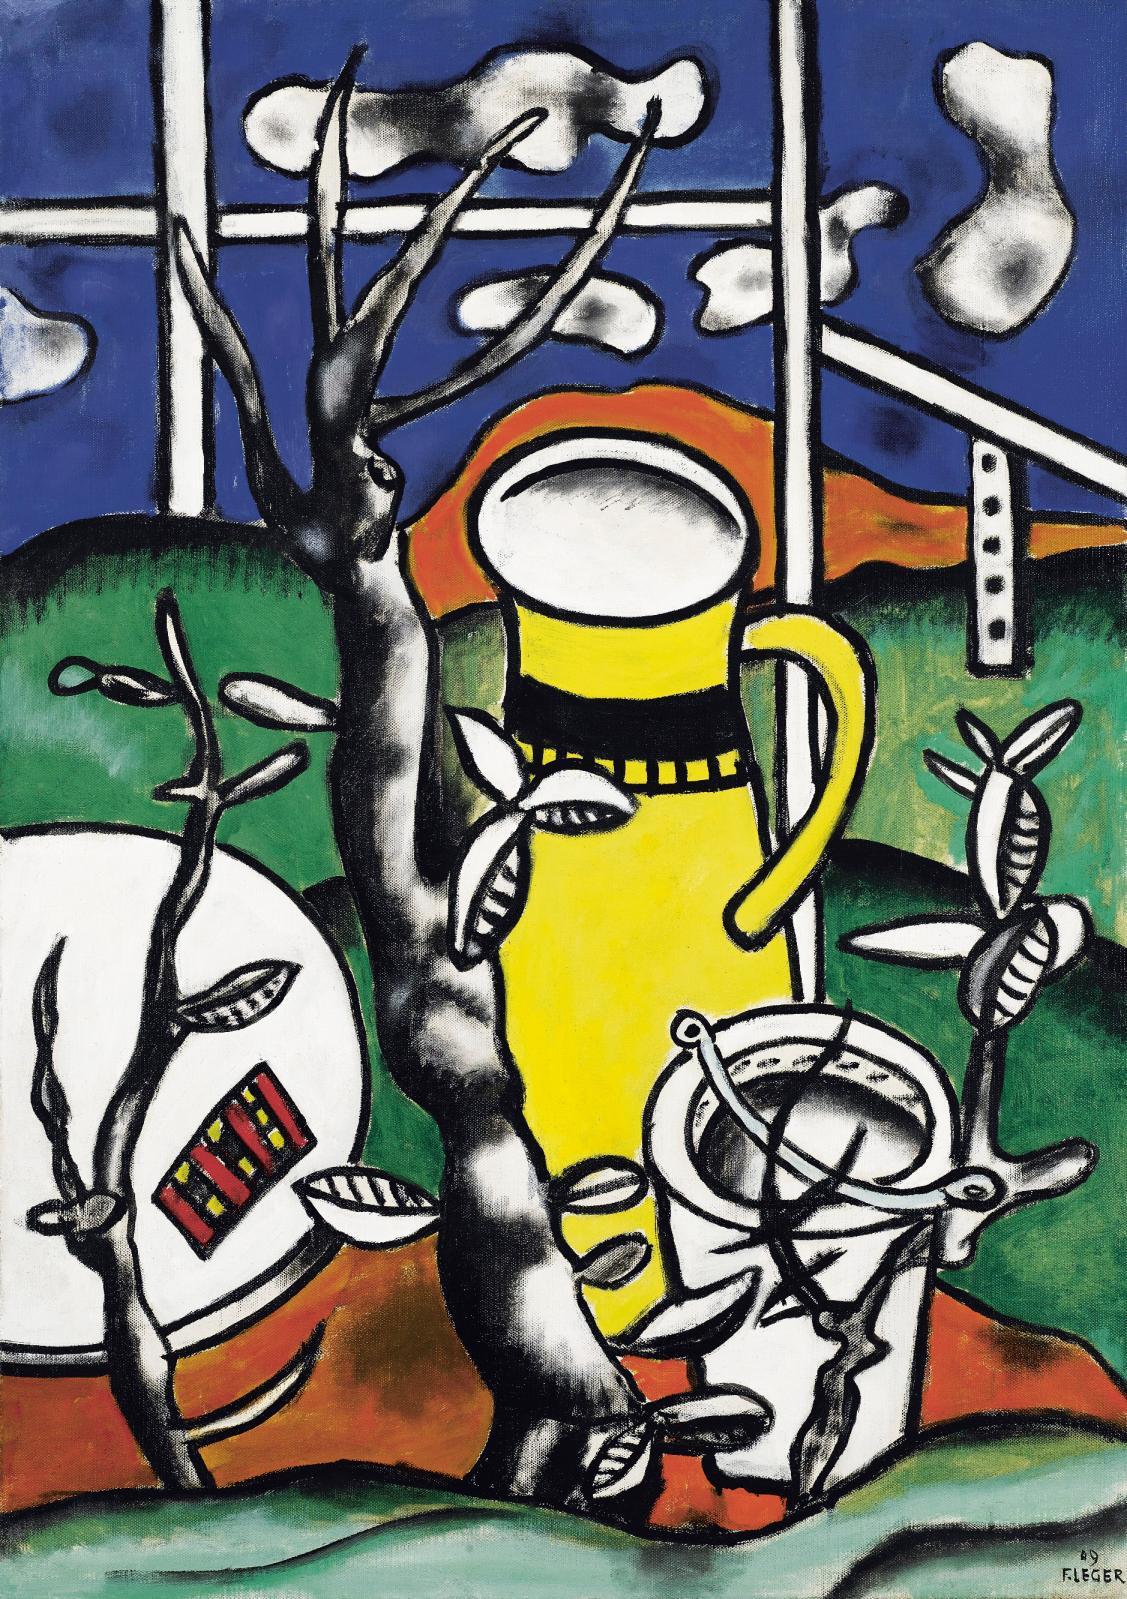 Fernand Léger, Le Vase jaune dans un paysage, 1949, huile sur toile, 91,5x65cm.